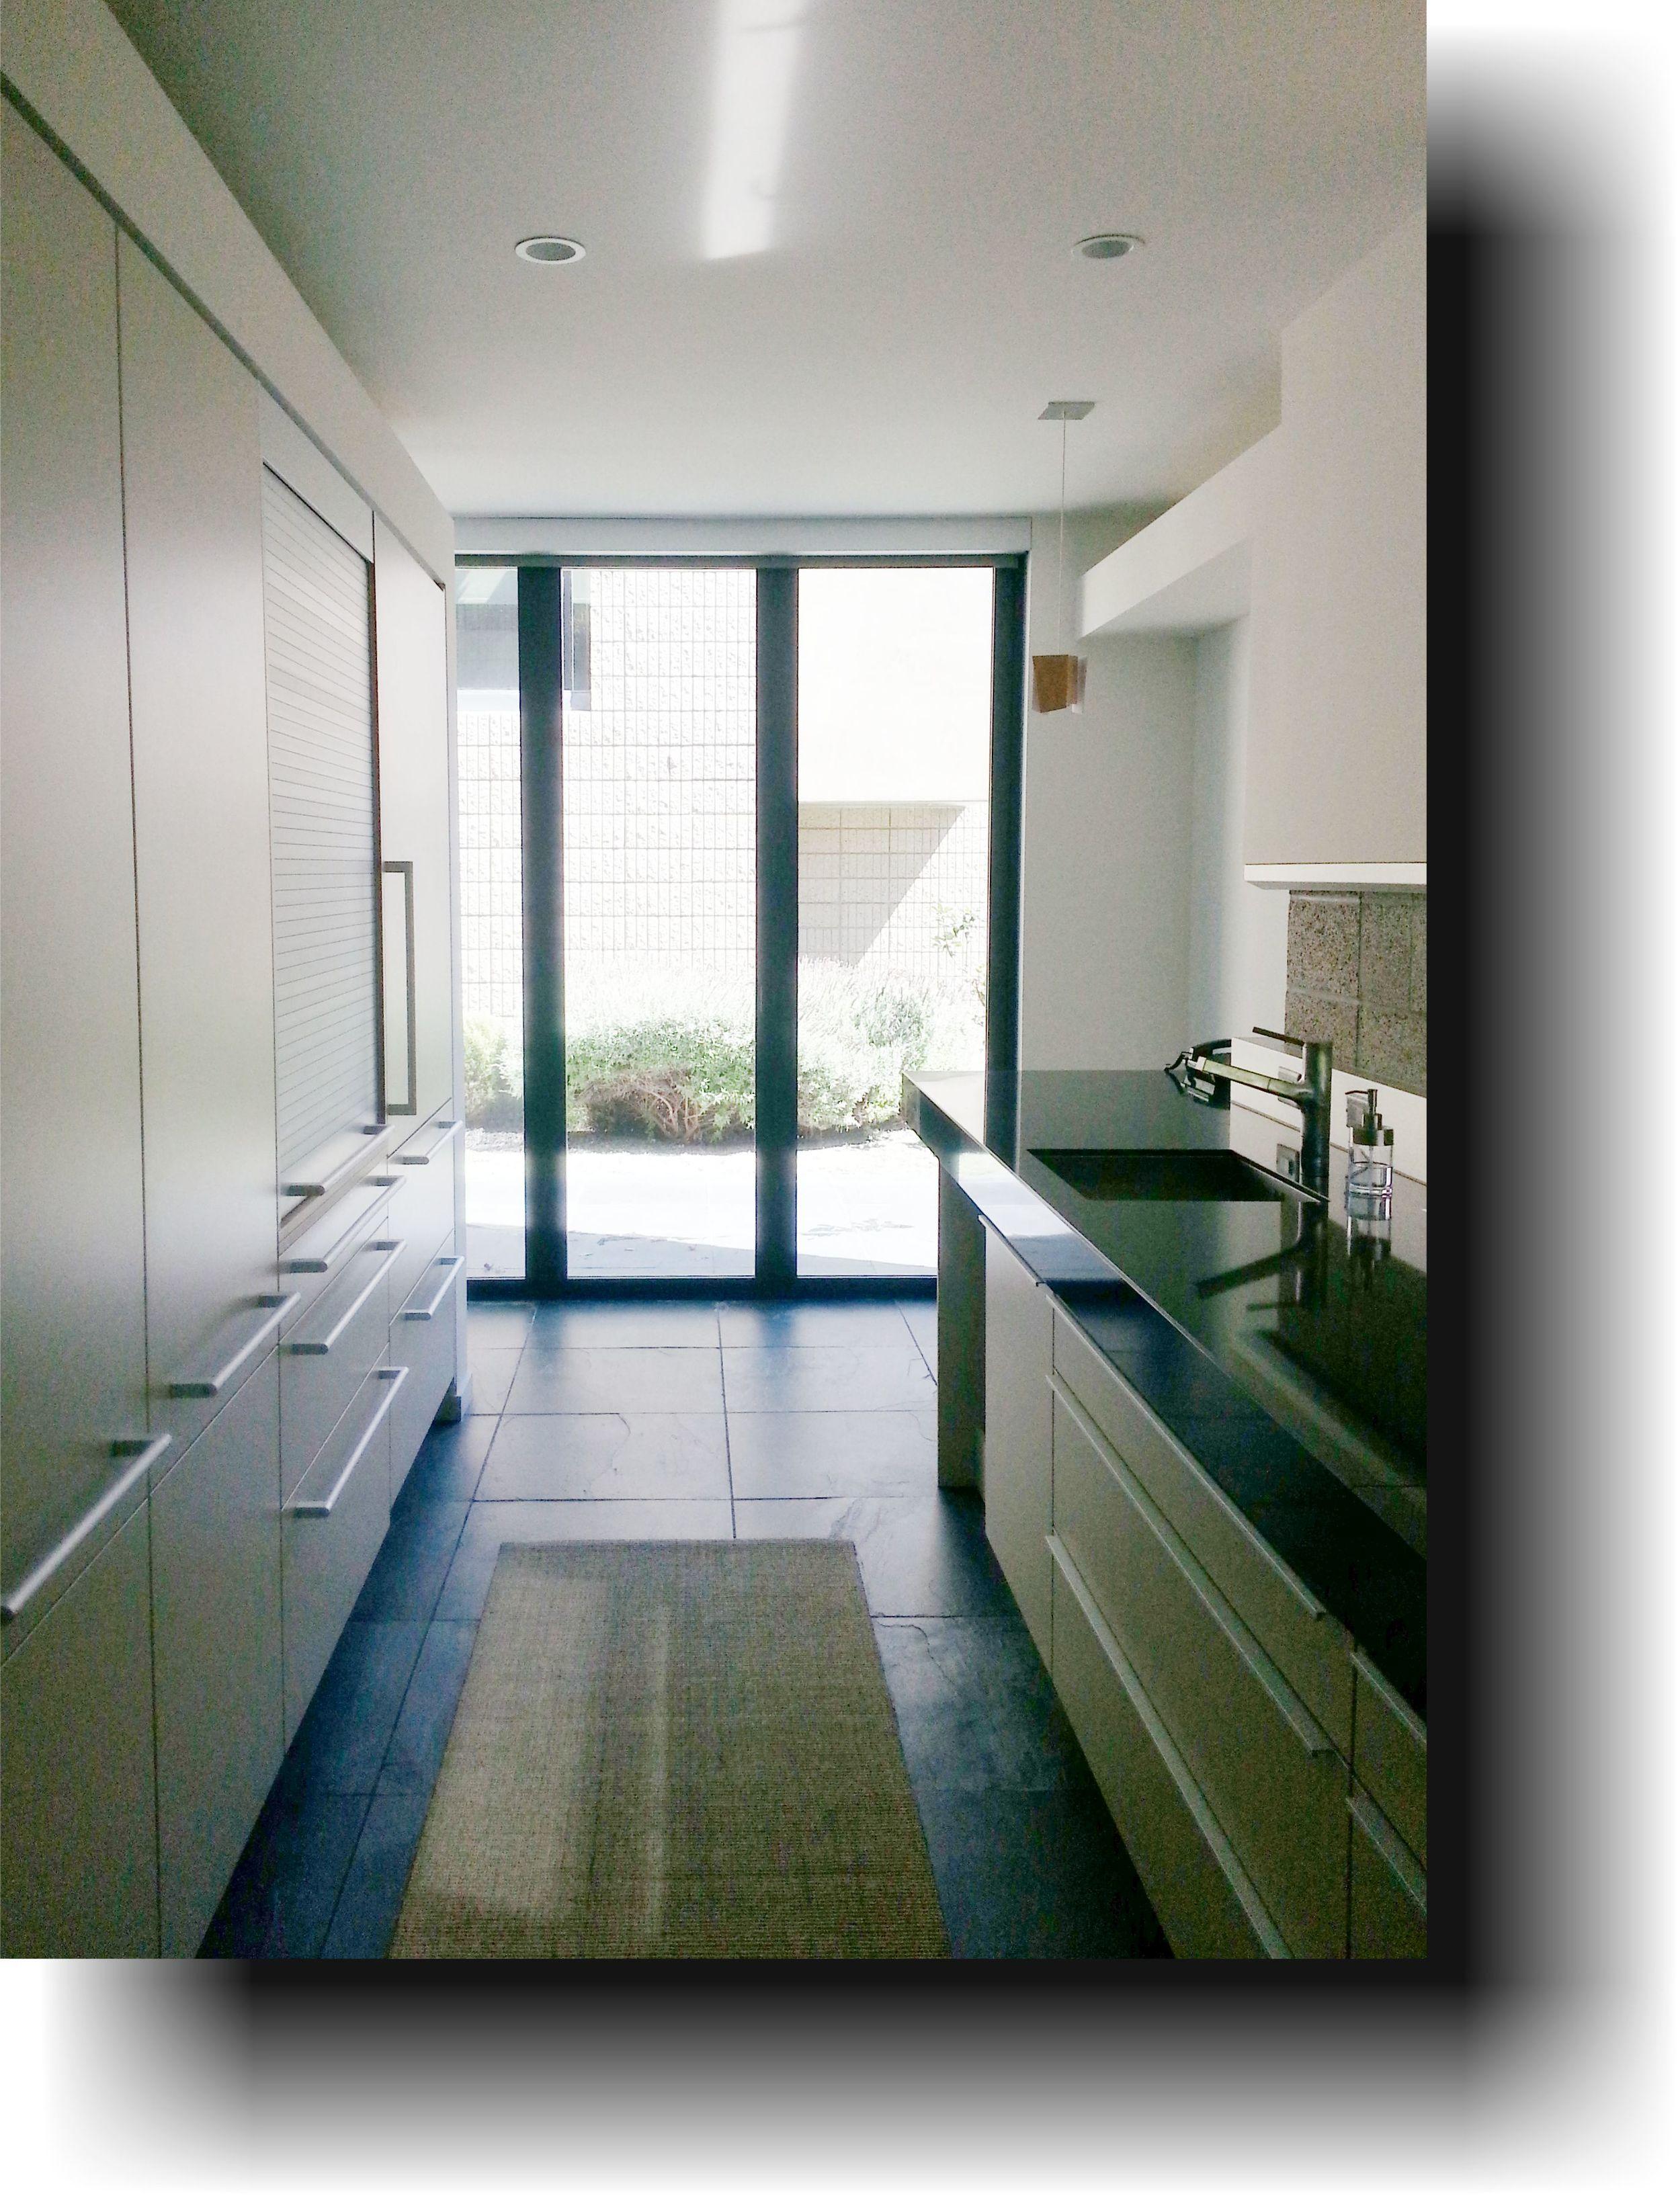 Corinthian Kitchen s1.jpg